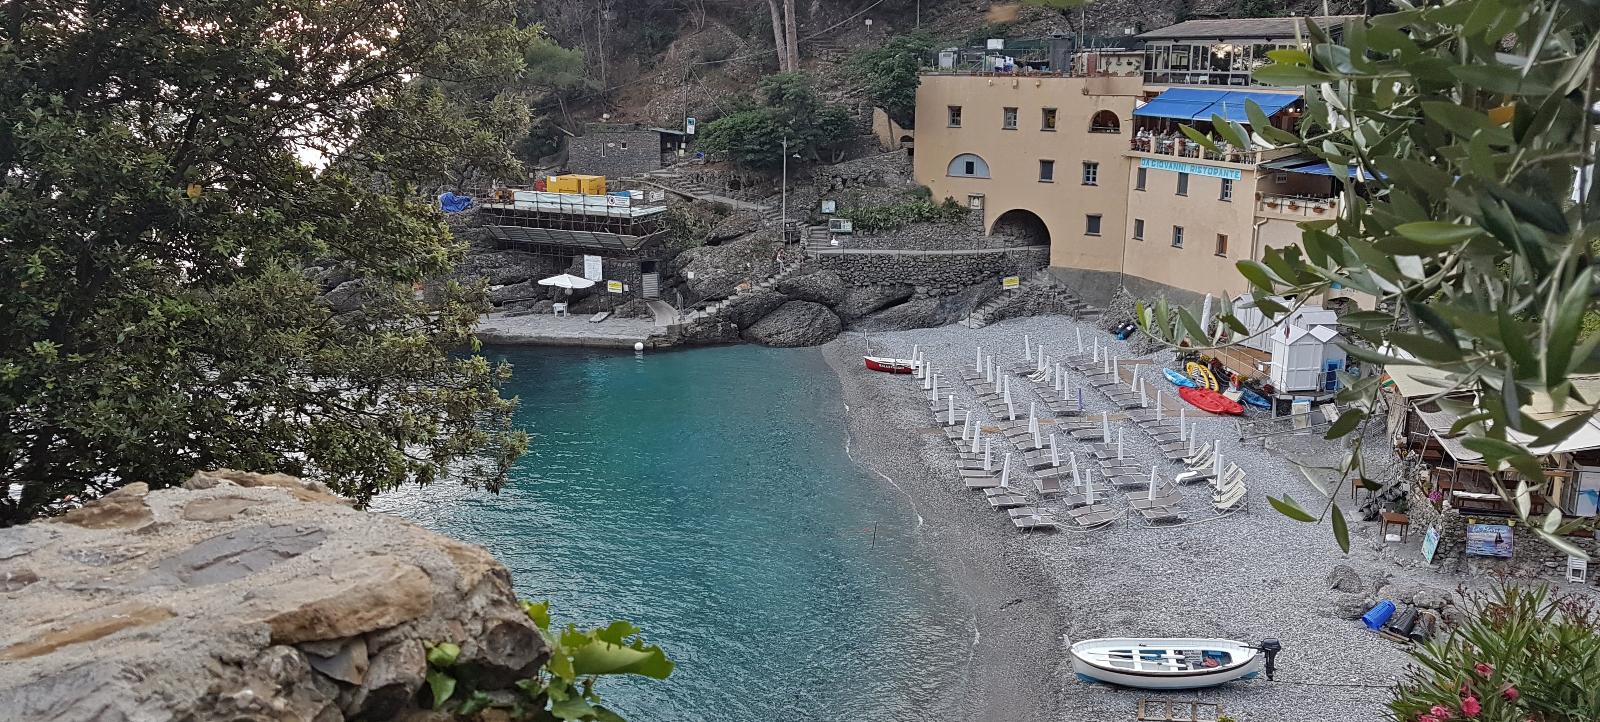 Обои bay of the fables, italy, bay of silence, ligurian sea, liguria, italian riviera. Города foto 9